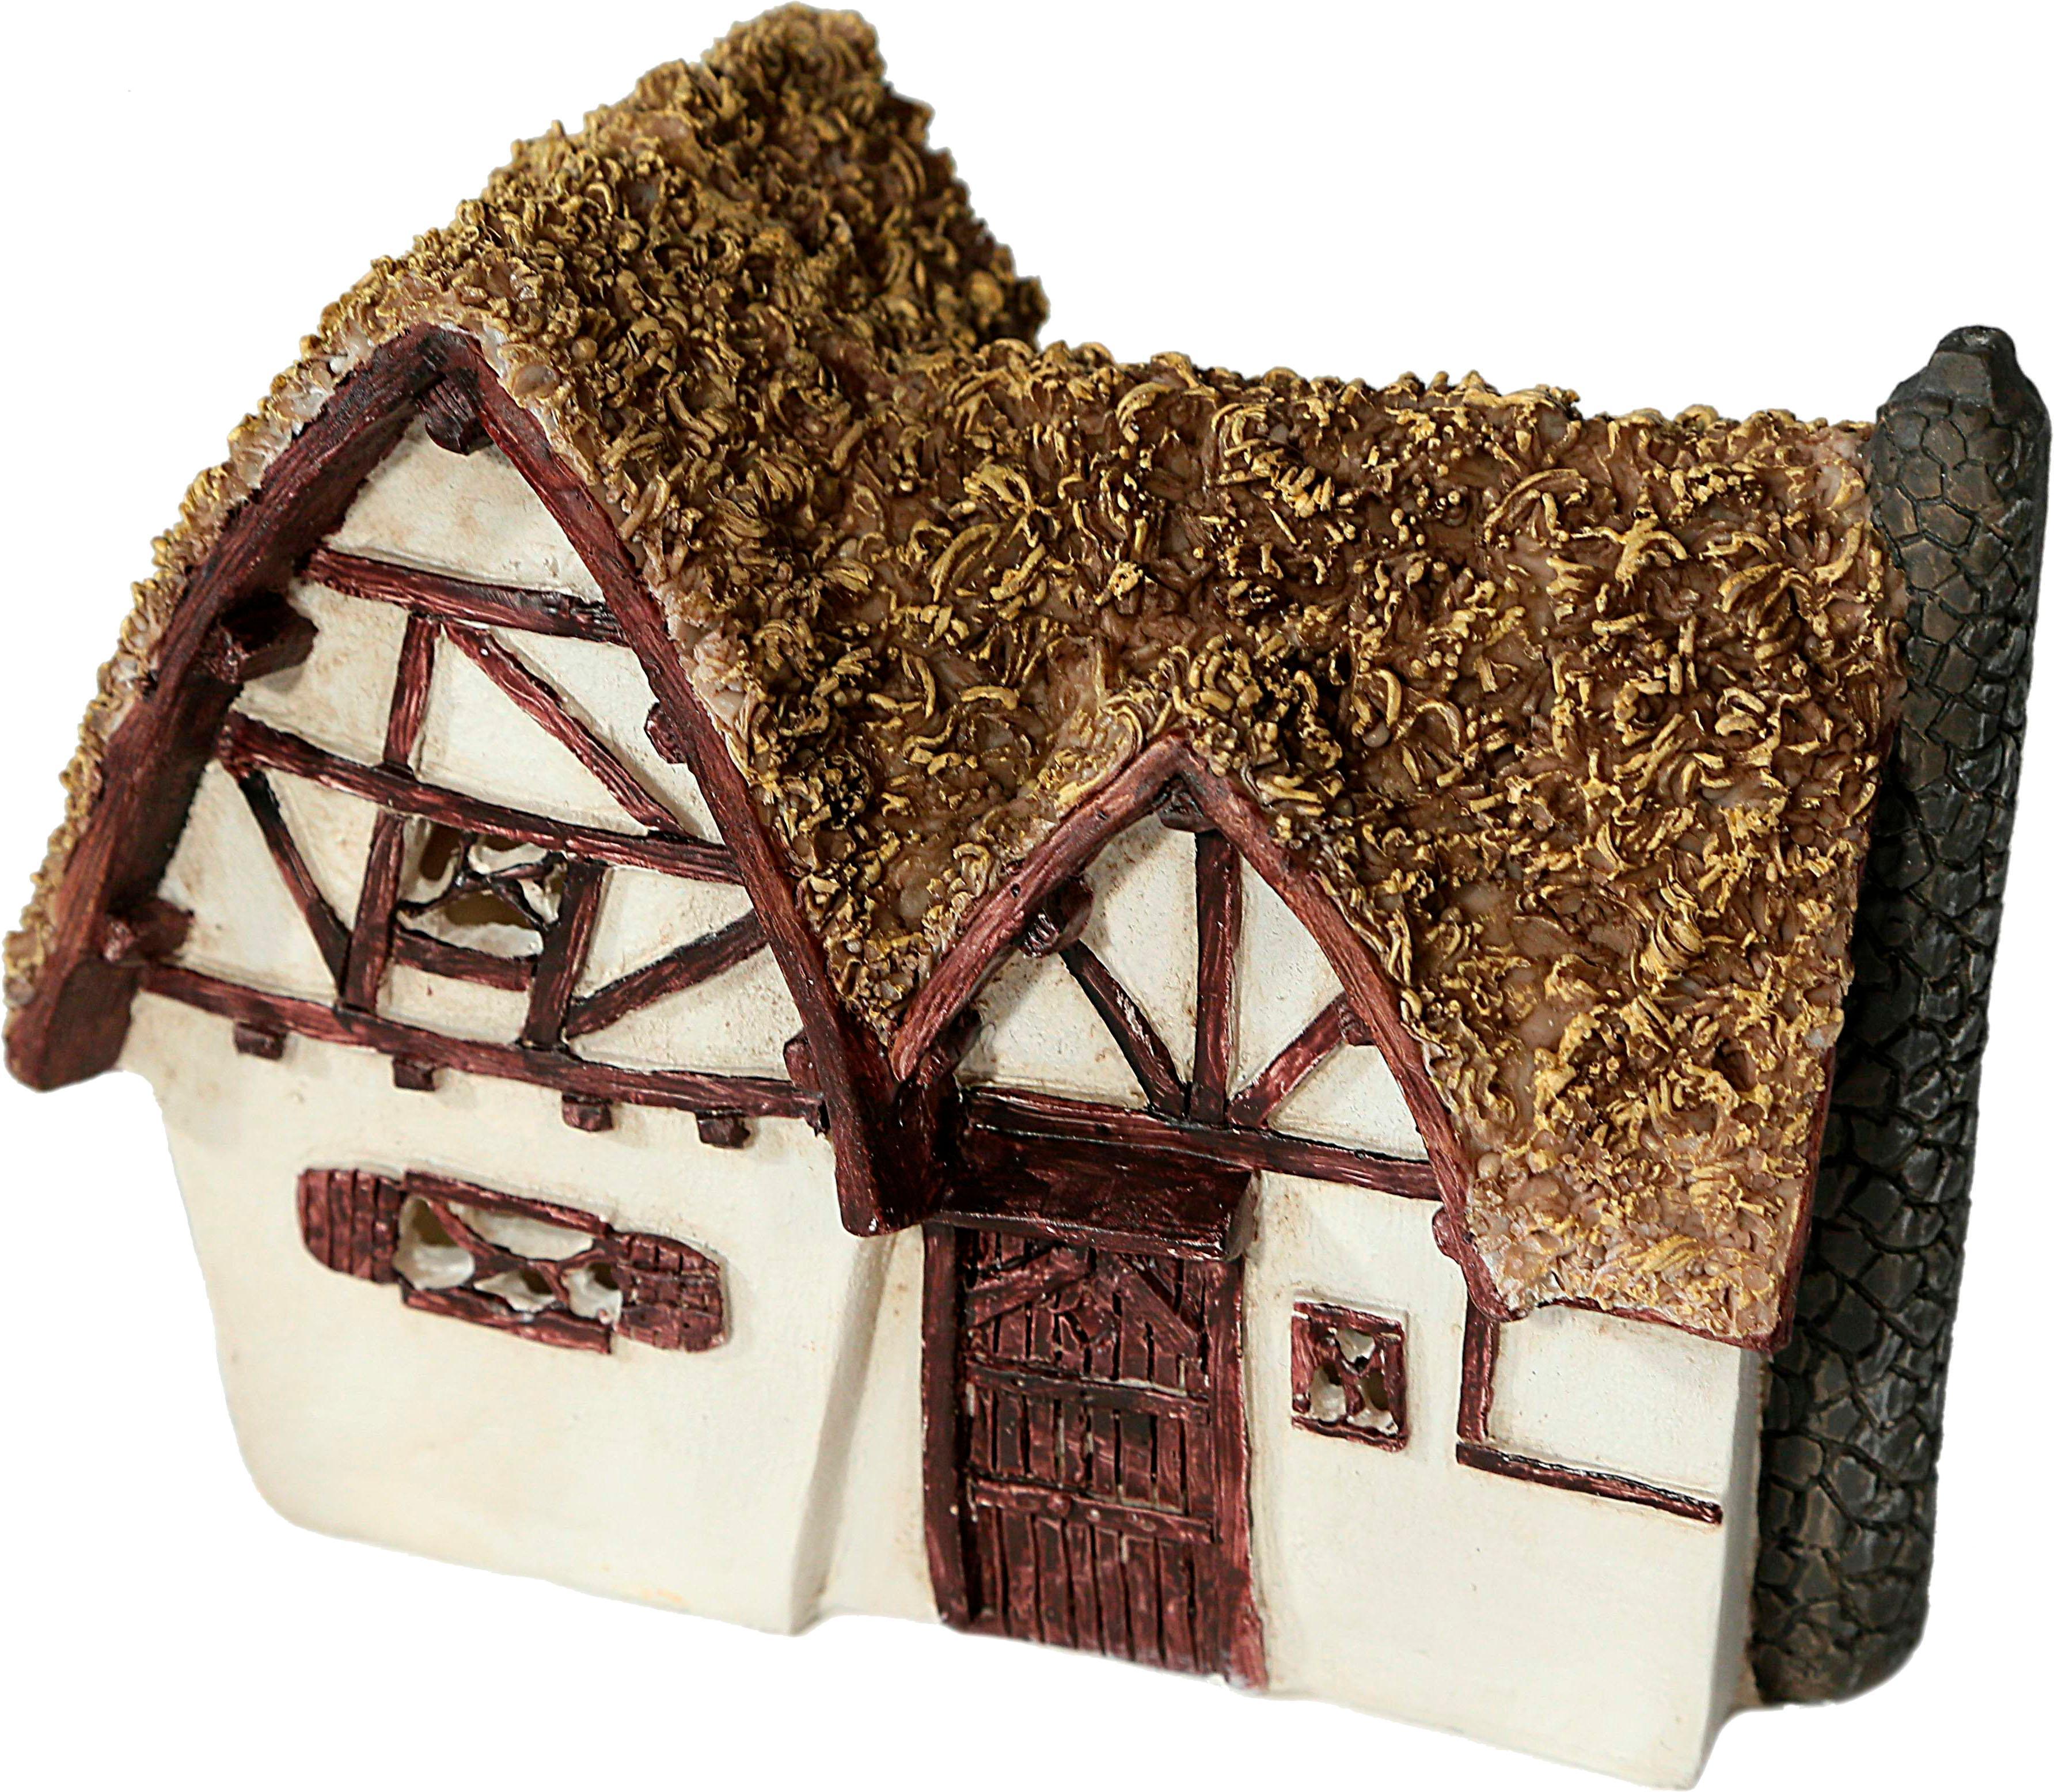 Home affaire Dekofigur Cottage Wohnen/Möbel/Gartenmöbel & Gartendeko/Gartendekoration/Gartenfiguren